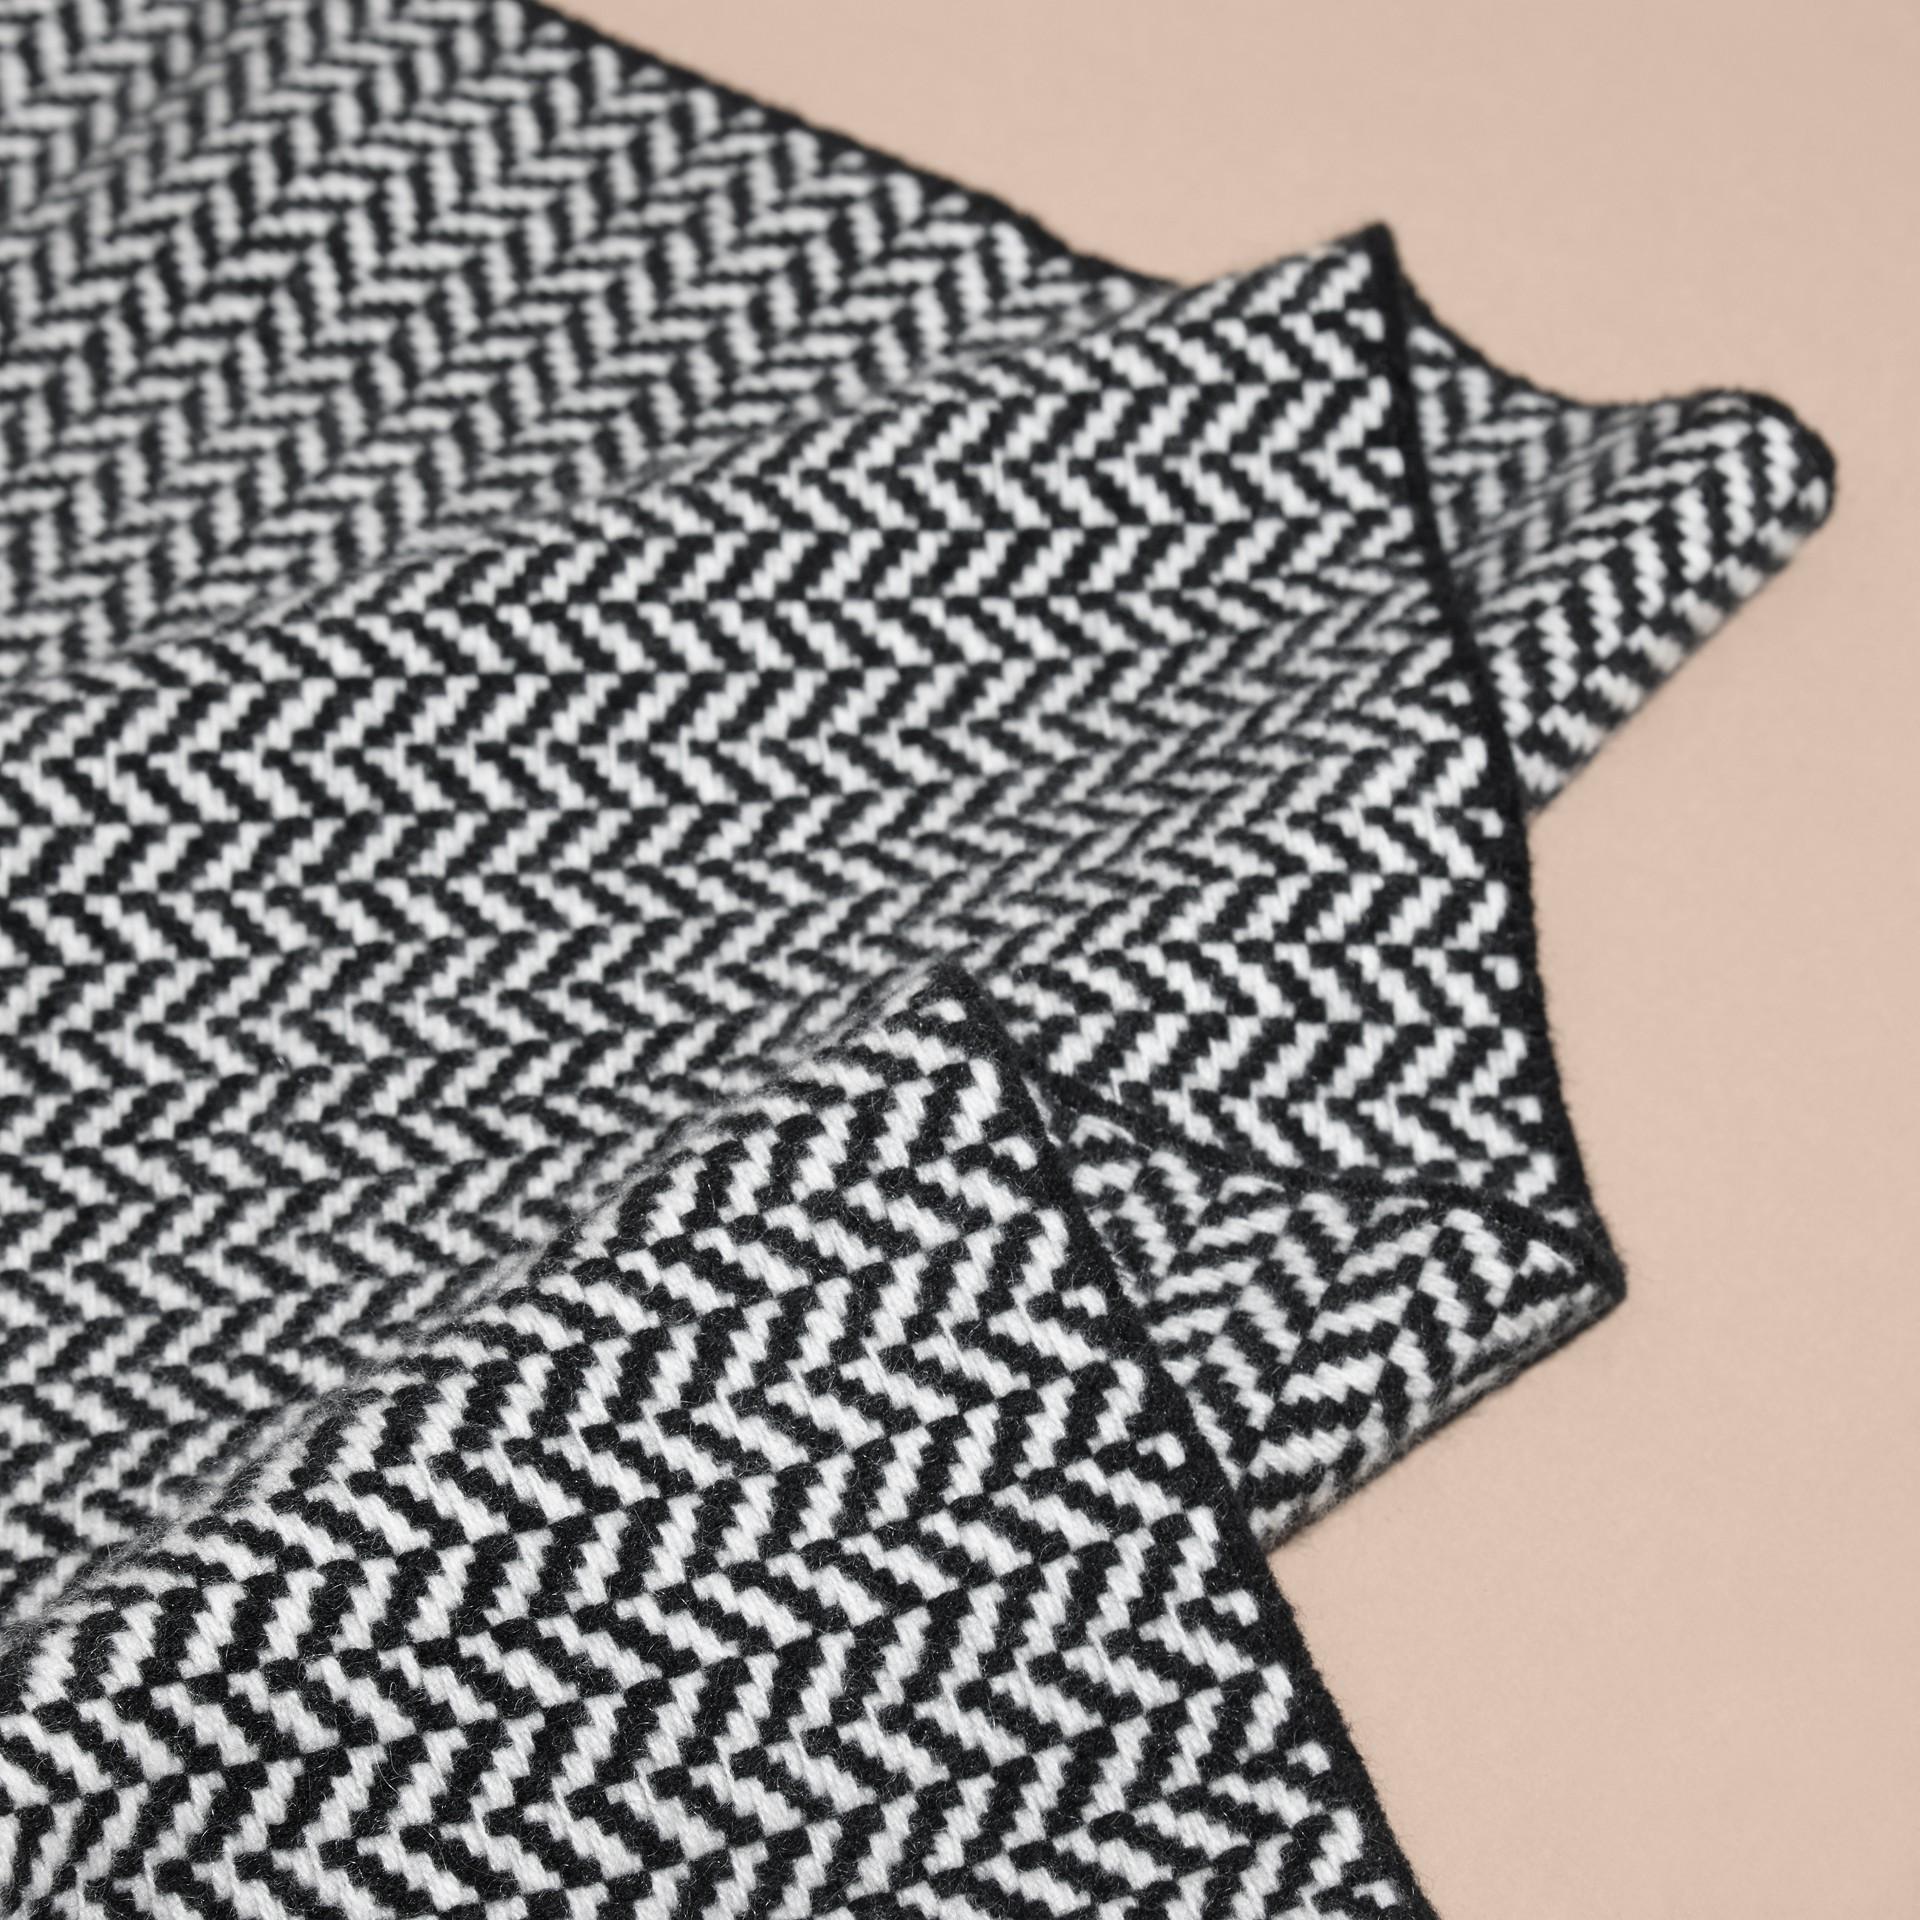 ブラック/ホワイト チャンキーヘリンボーン ウールカシミア スカーフ - ギャラリーイメージ 2